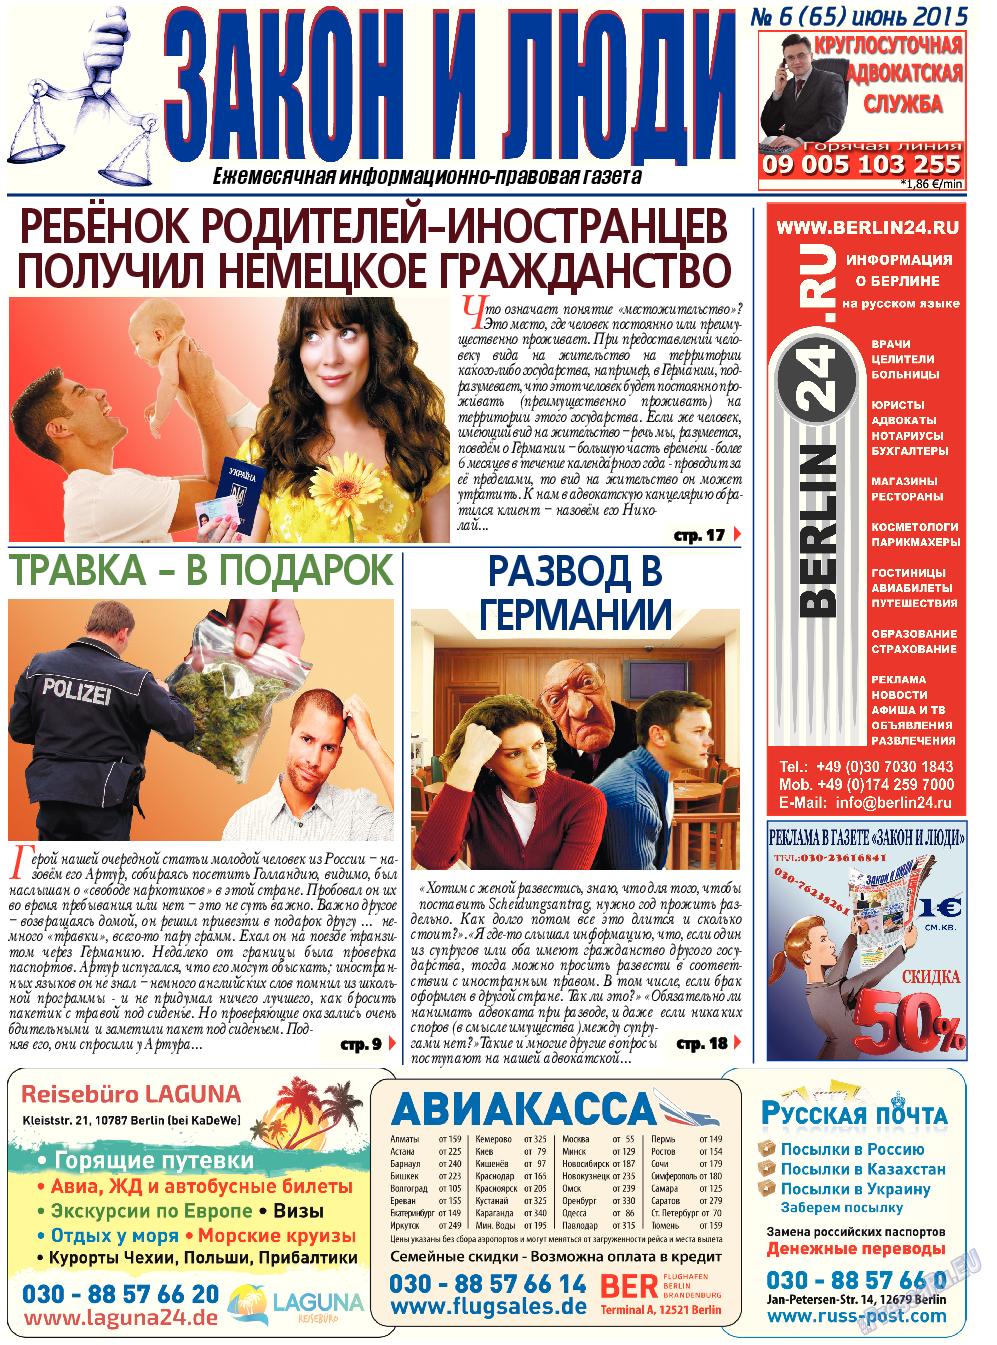 Закон и люди (газета). 2015 год, номер 6, стр. 1